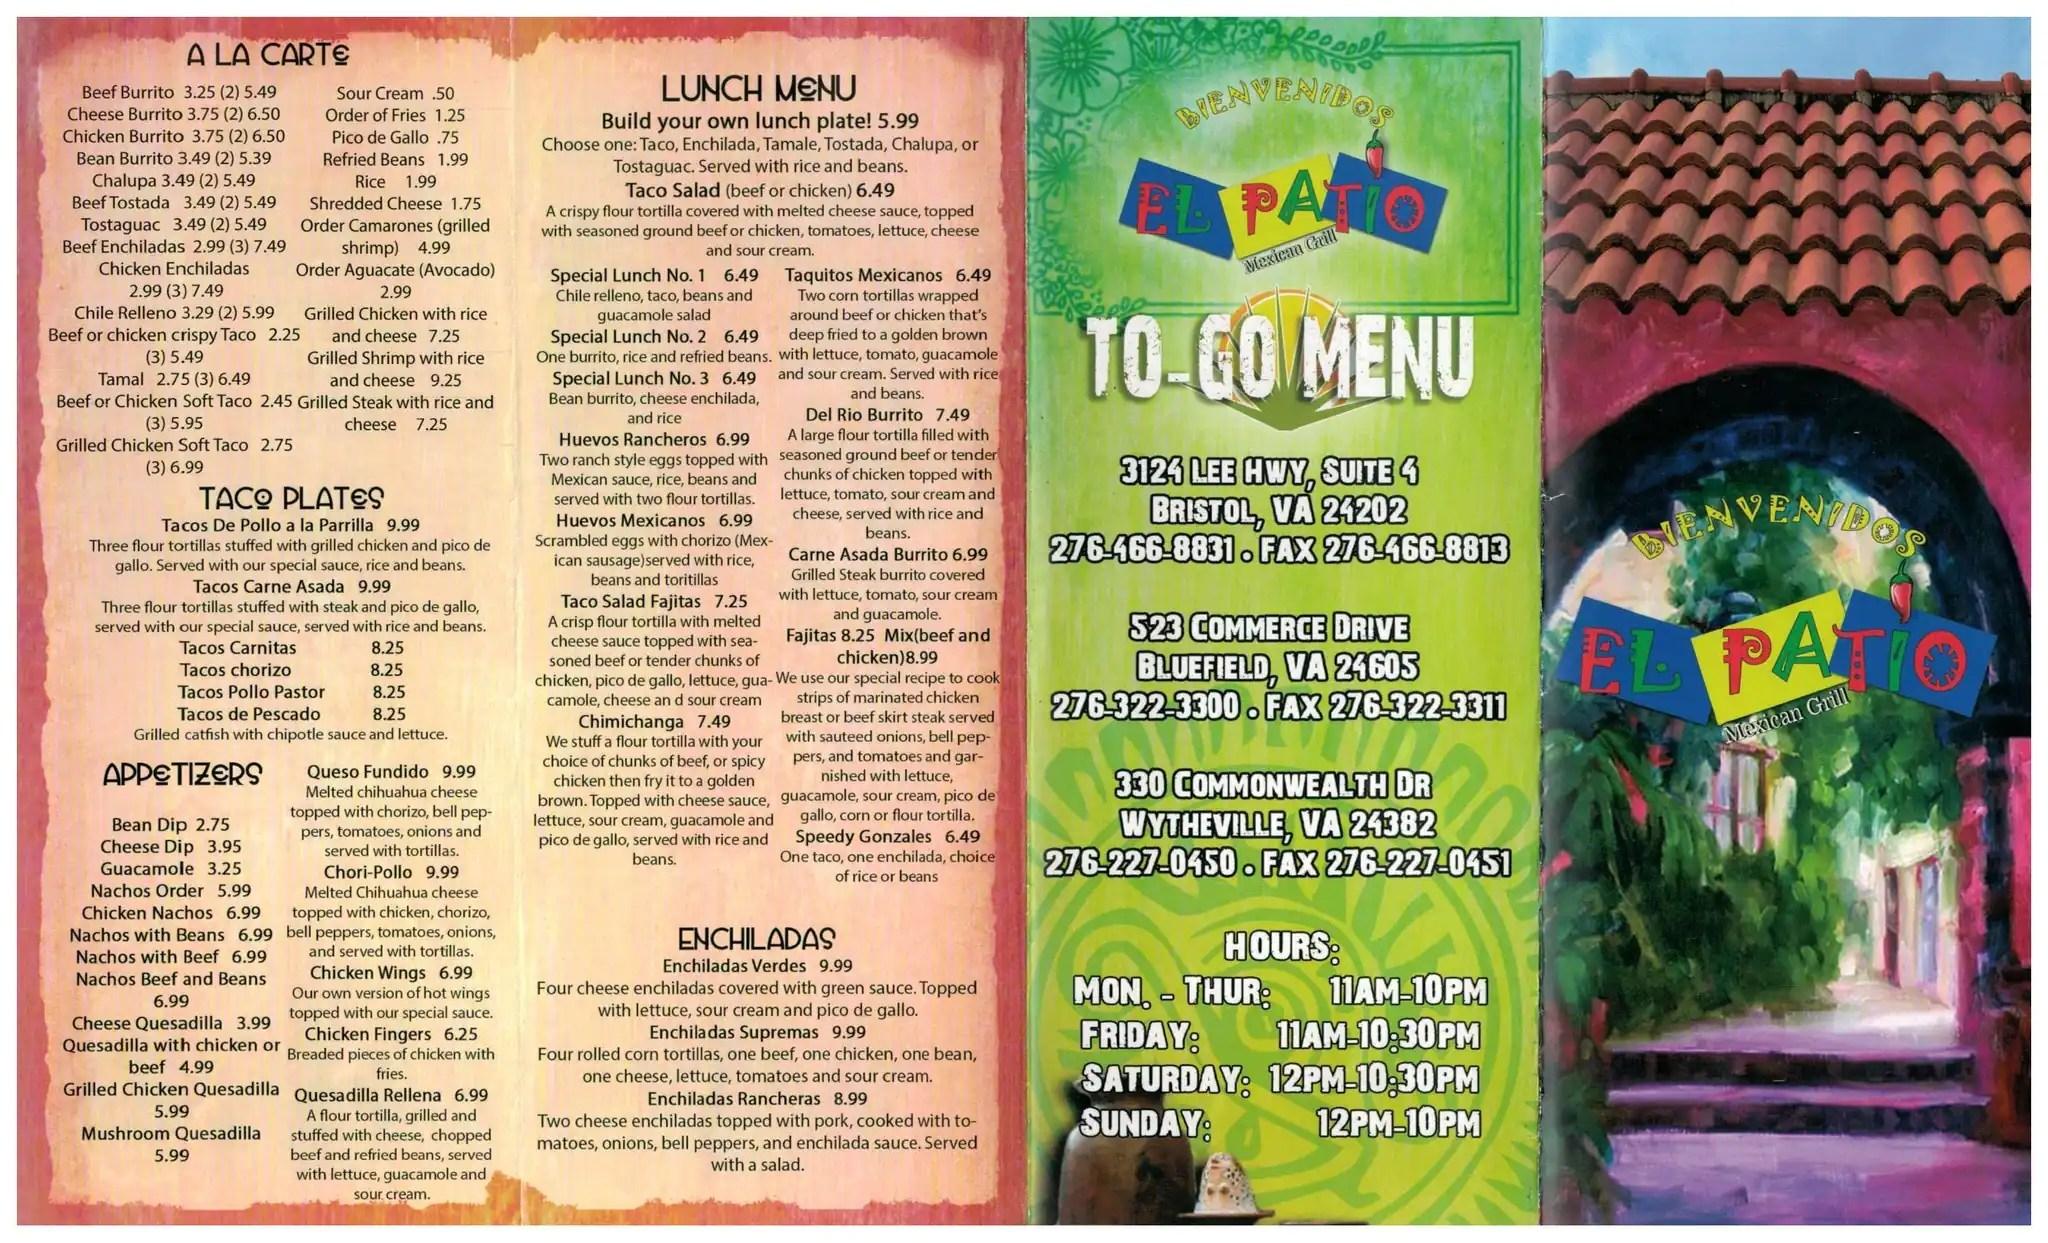 El Patio Mexican Grill Menu, Menu for El Patio Mexican